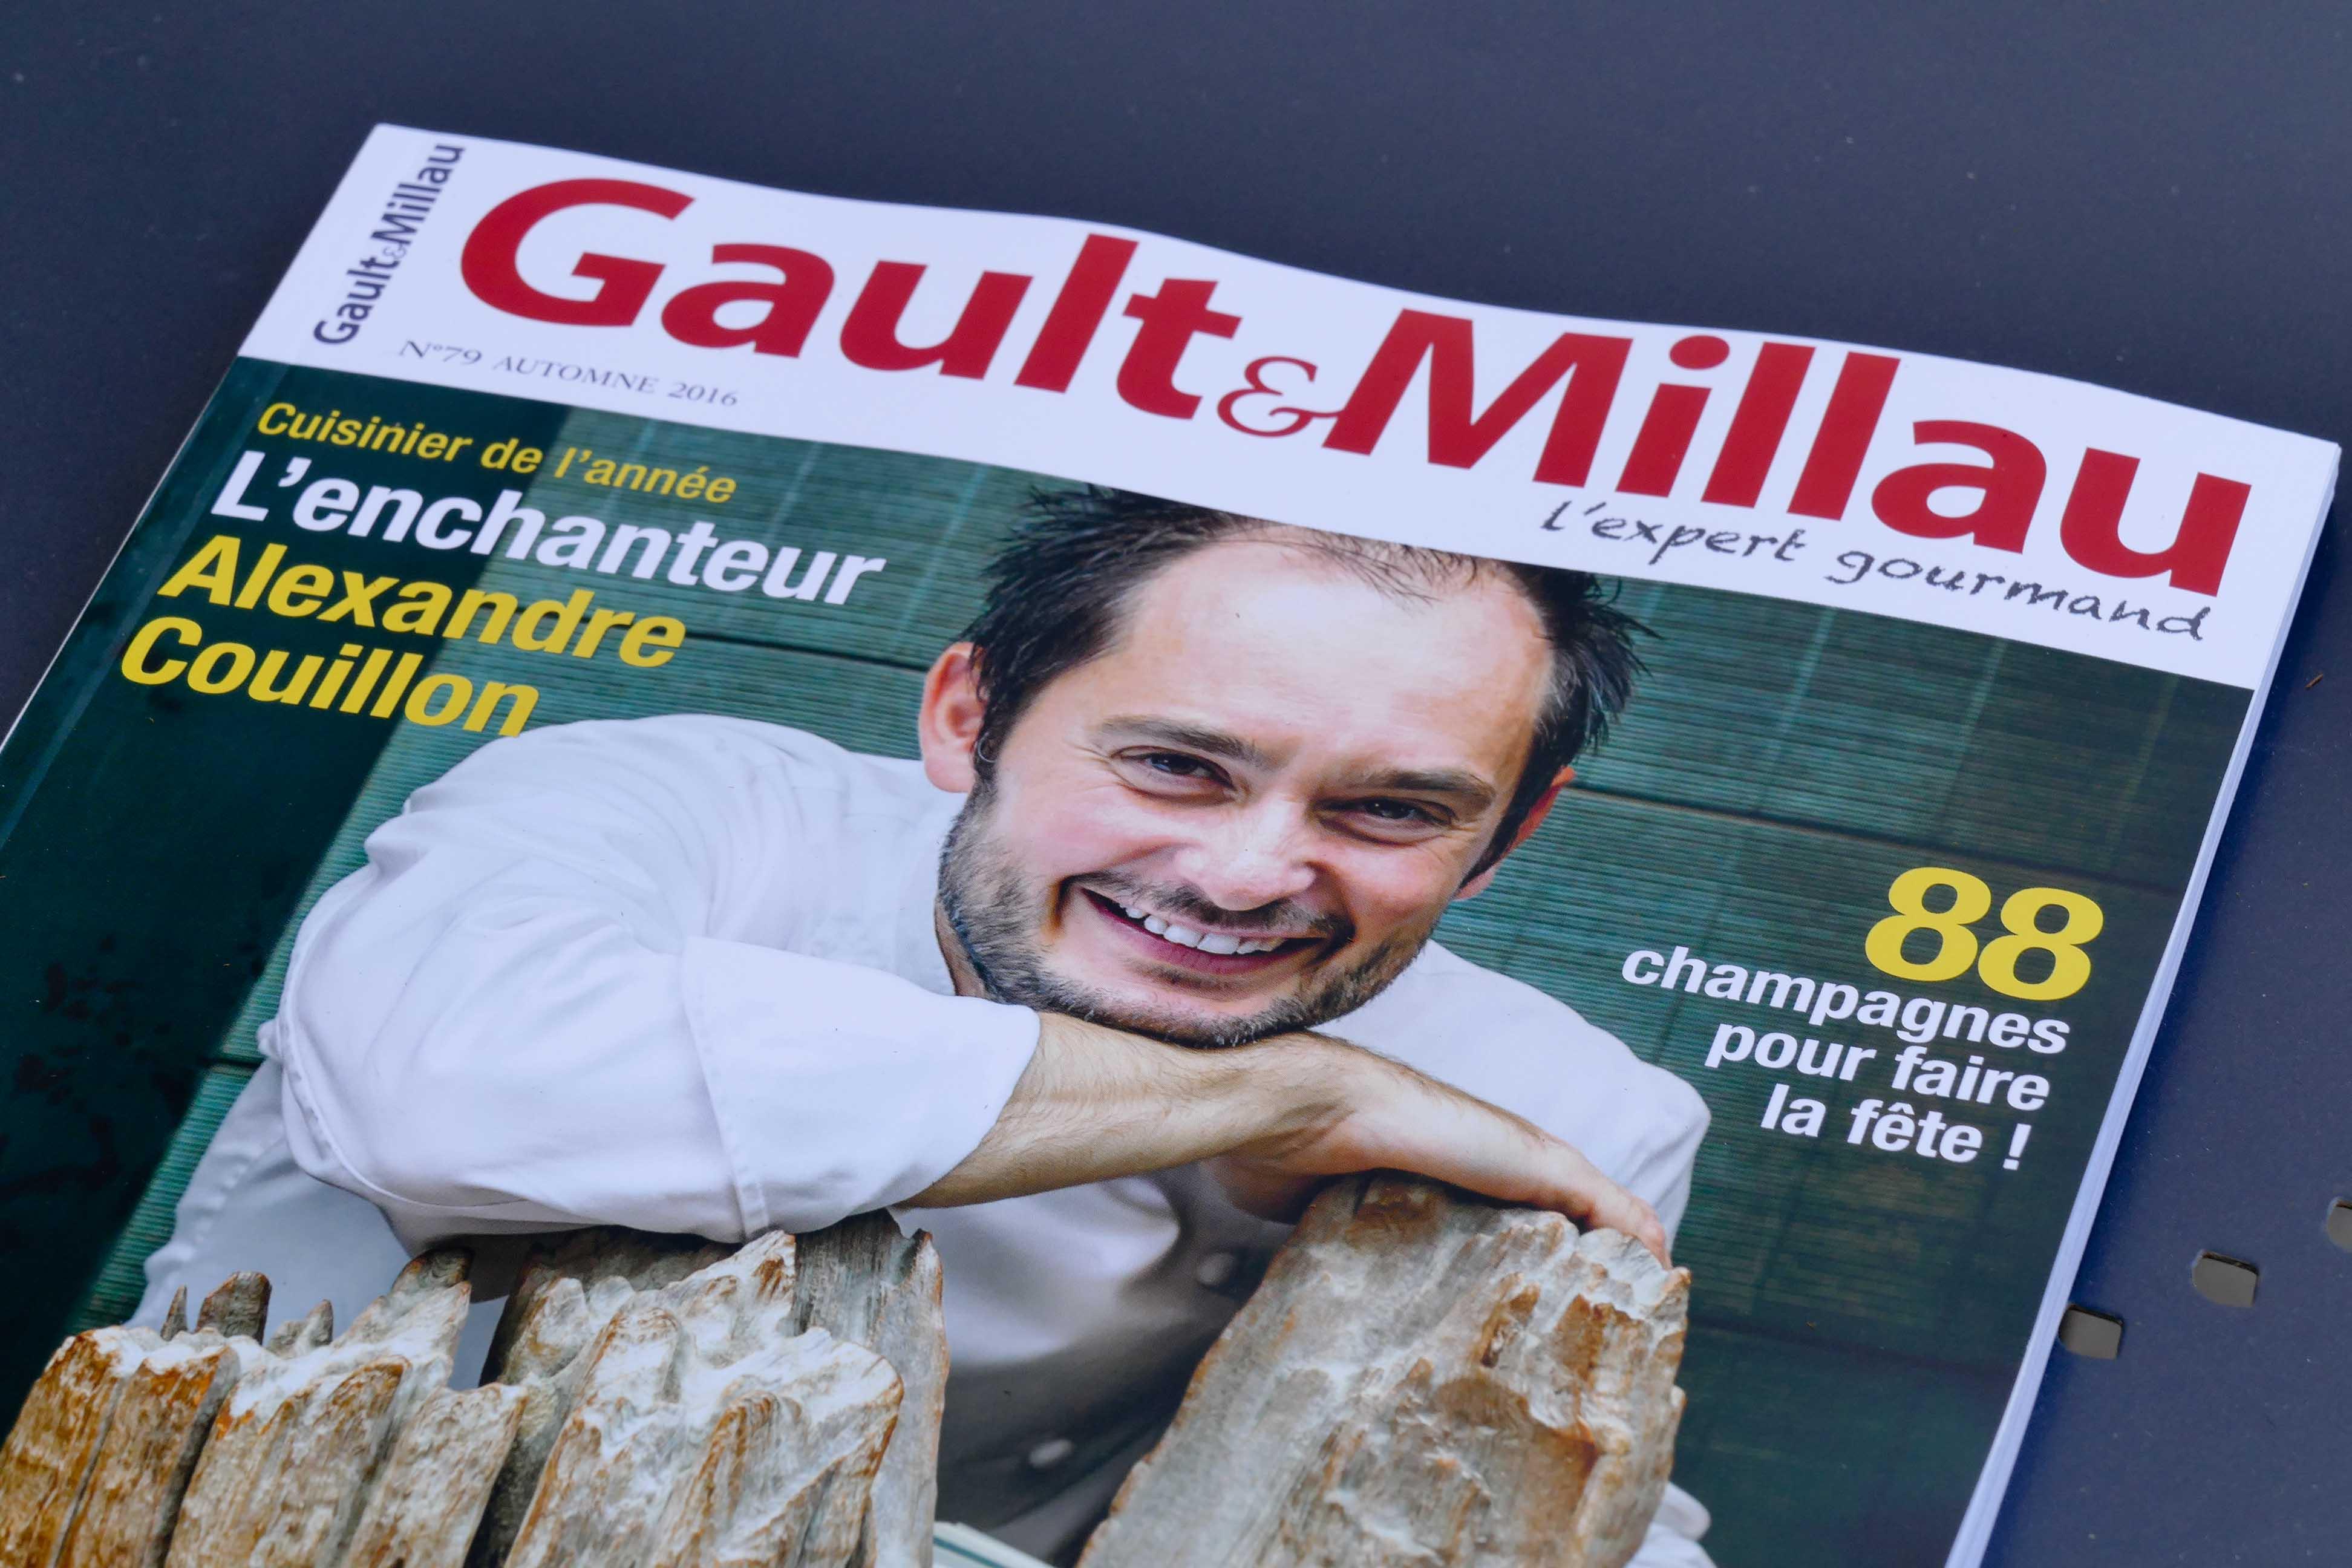 Alexandre Couillon reçoit Gault & Millau pour la Welcome Box